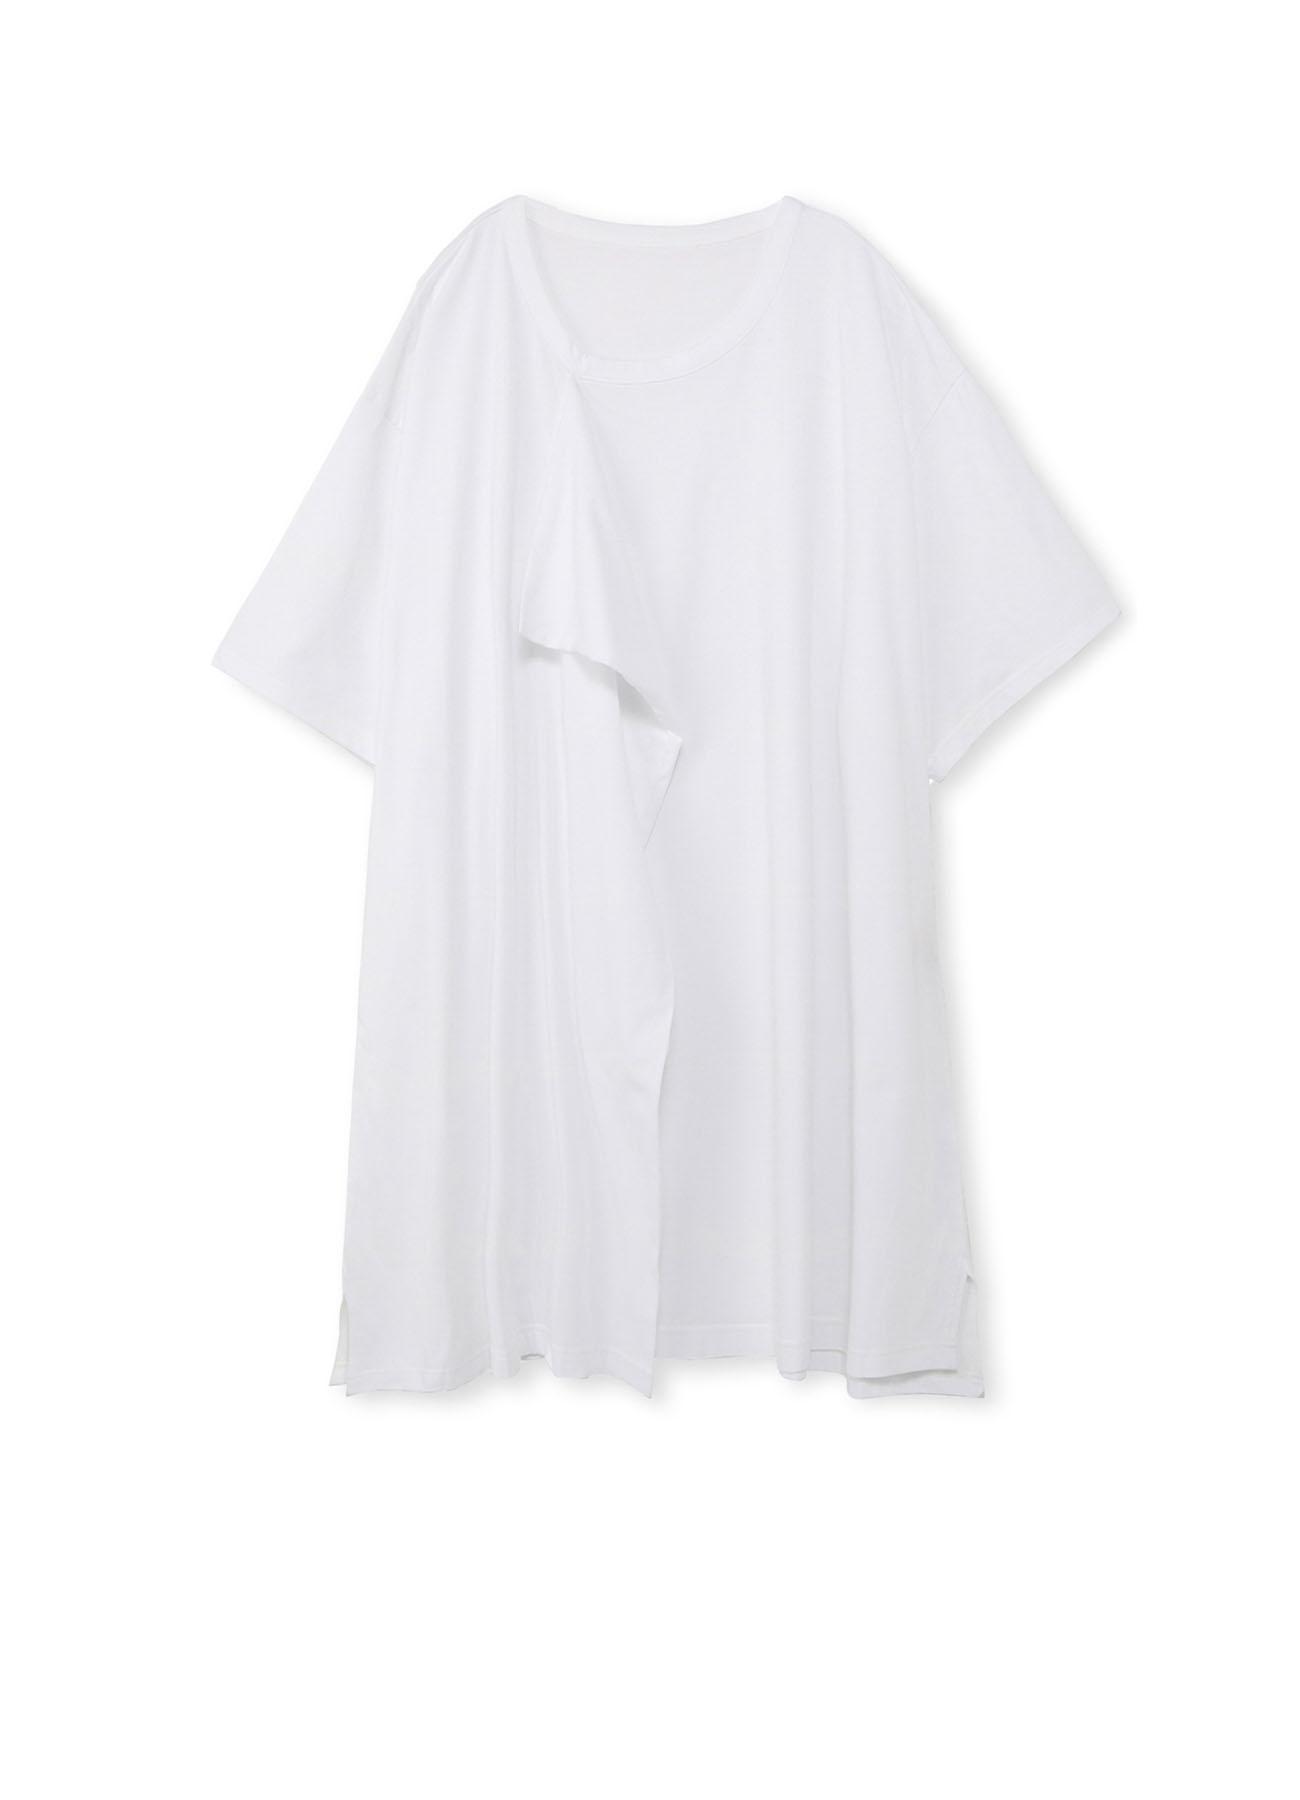 前胸垂坠装饰面料针织衫 · 宽松版